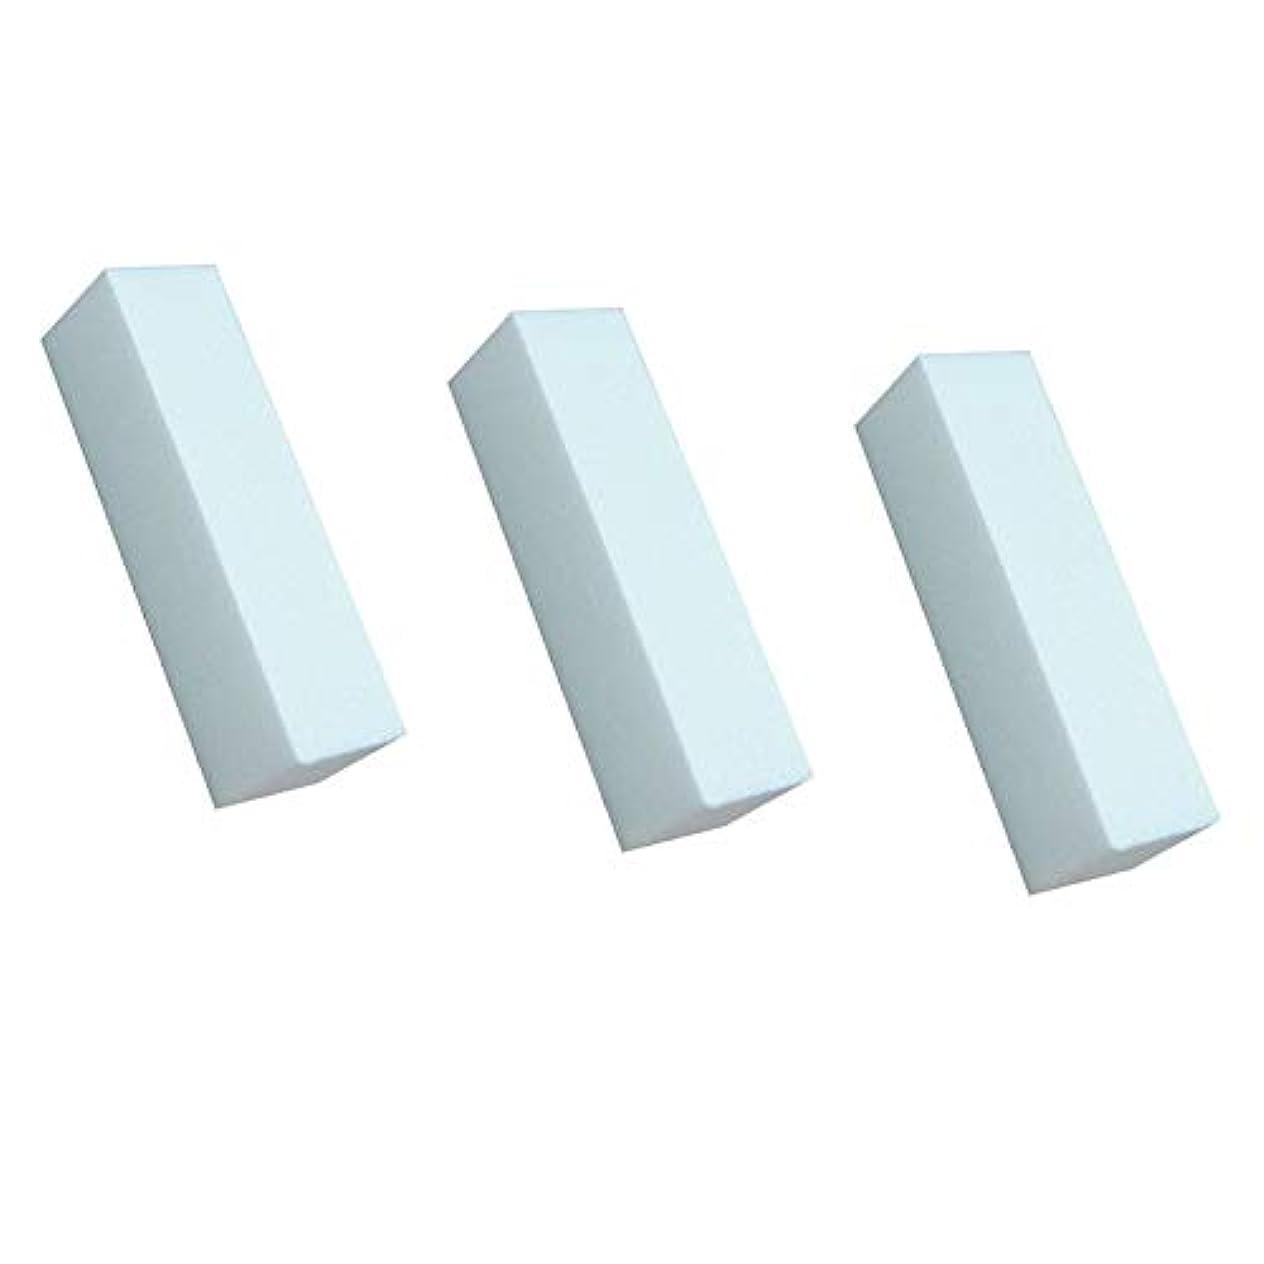 ホステスプレゼント現実には3白いマニキュアバッファ研磨工具研磨ファイルネイルファイルネイルケア美容シート